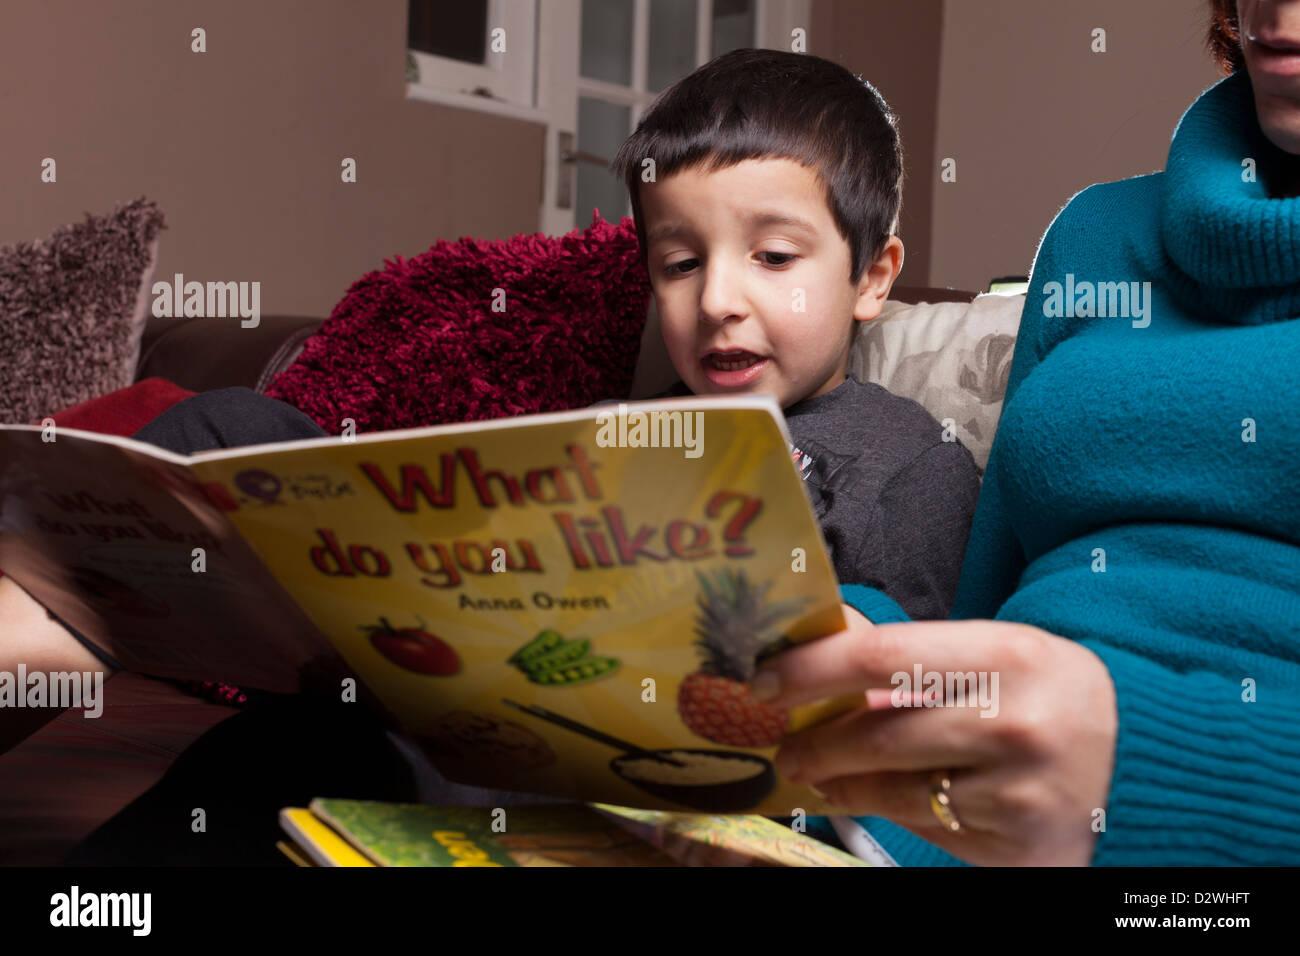 Mère de l'enfant apprend à lire Banque D'Images